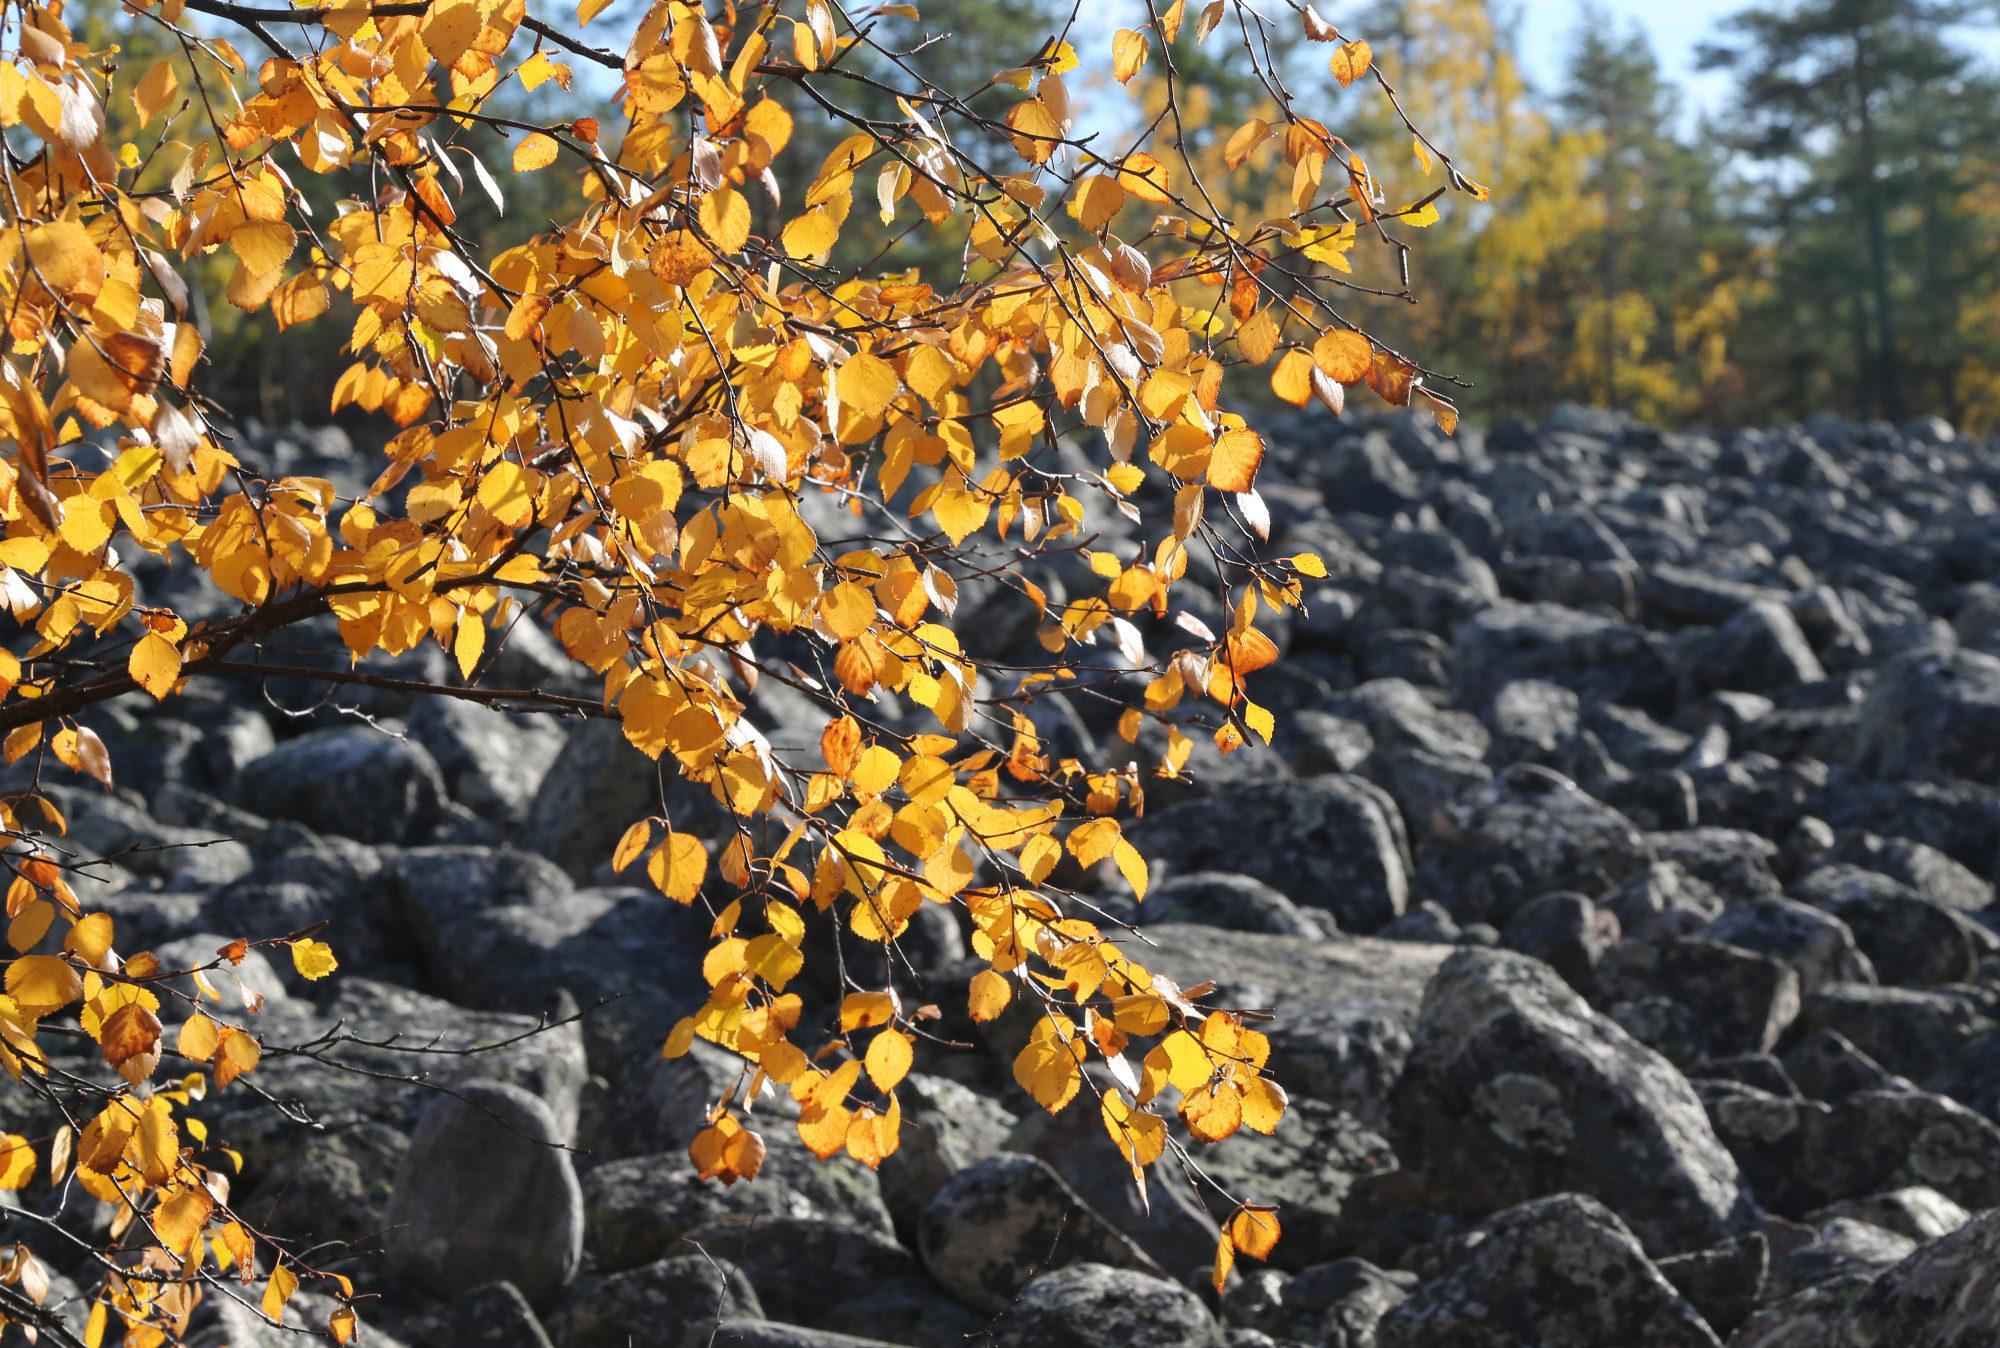 Lauhanvuoren syksyinen kivipelto - Taikapolun Lauhan klassikko tutustuttaa Lauhanvuoren kansallispuiston Kivijataan.